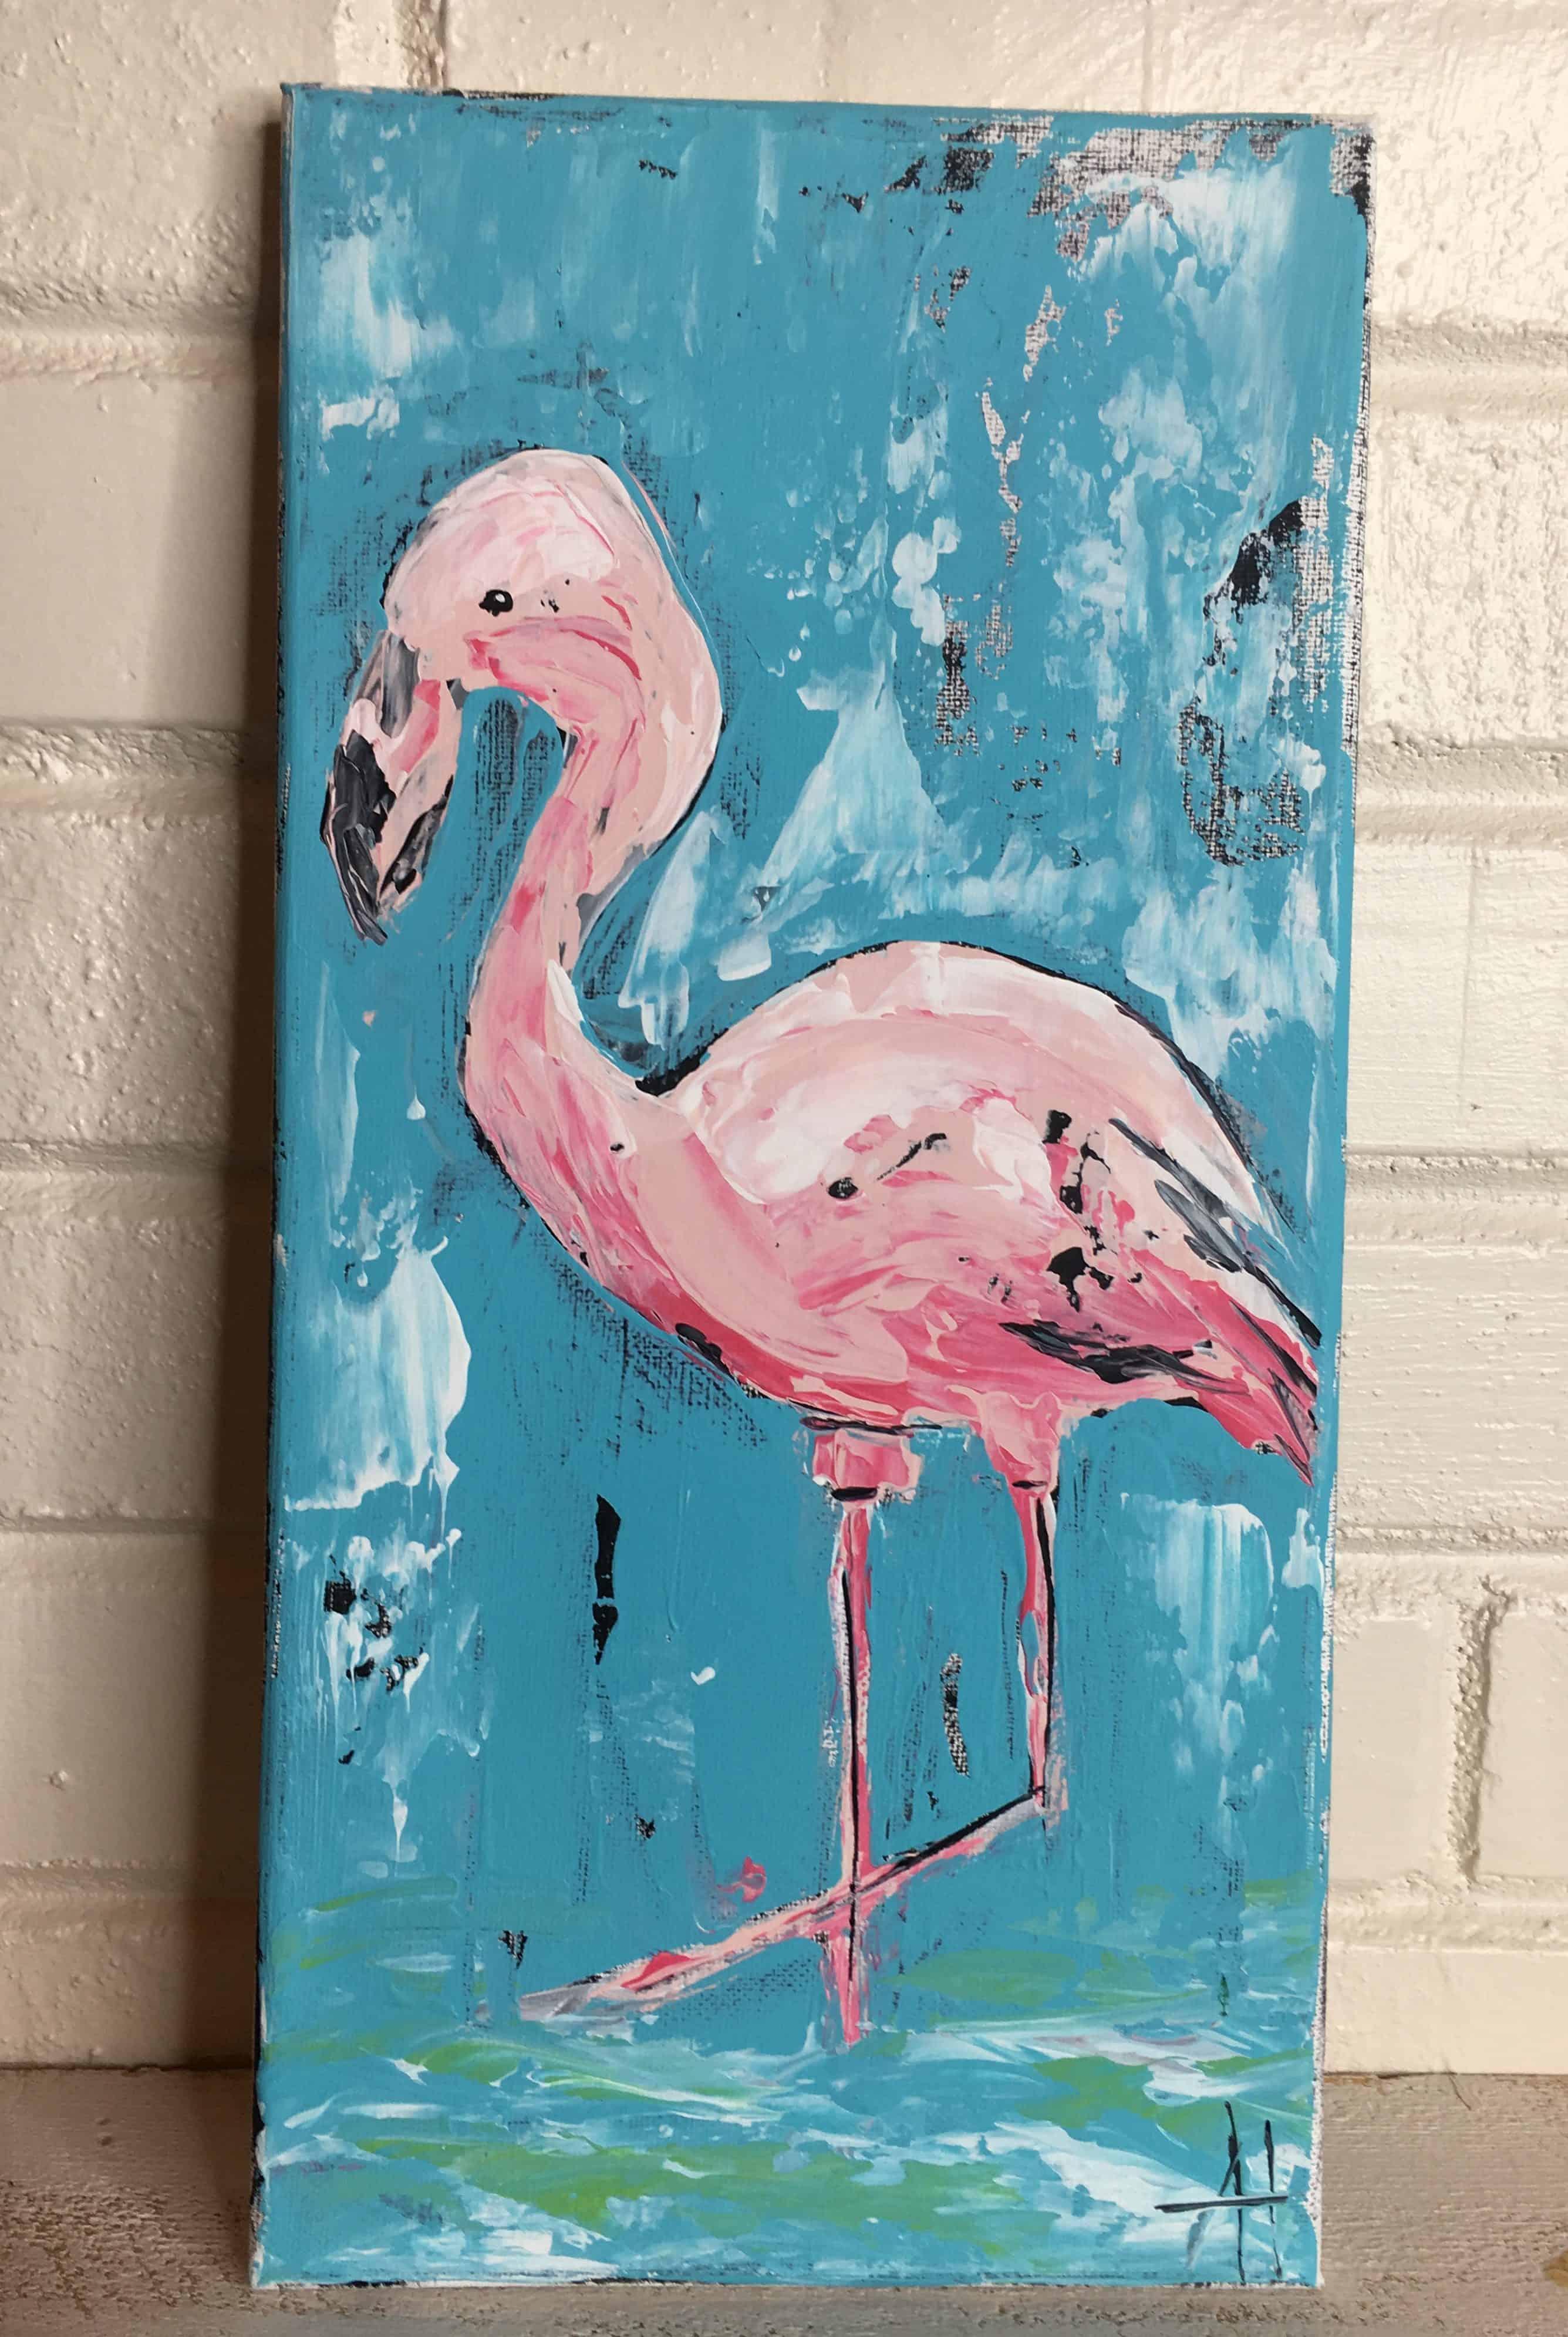 Flamingo Joe; Original Acrylic Painting